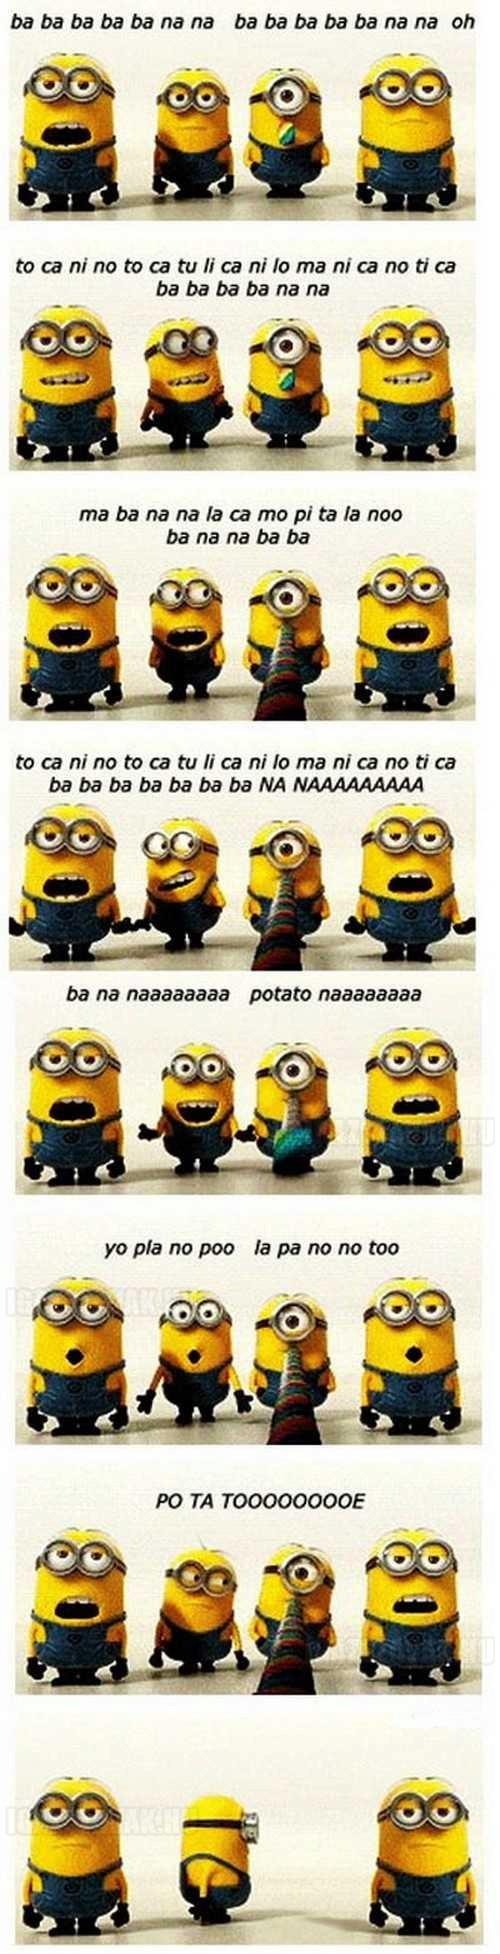 a minion banana ének